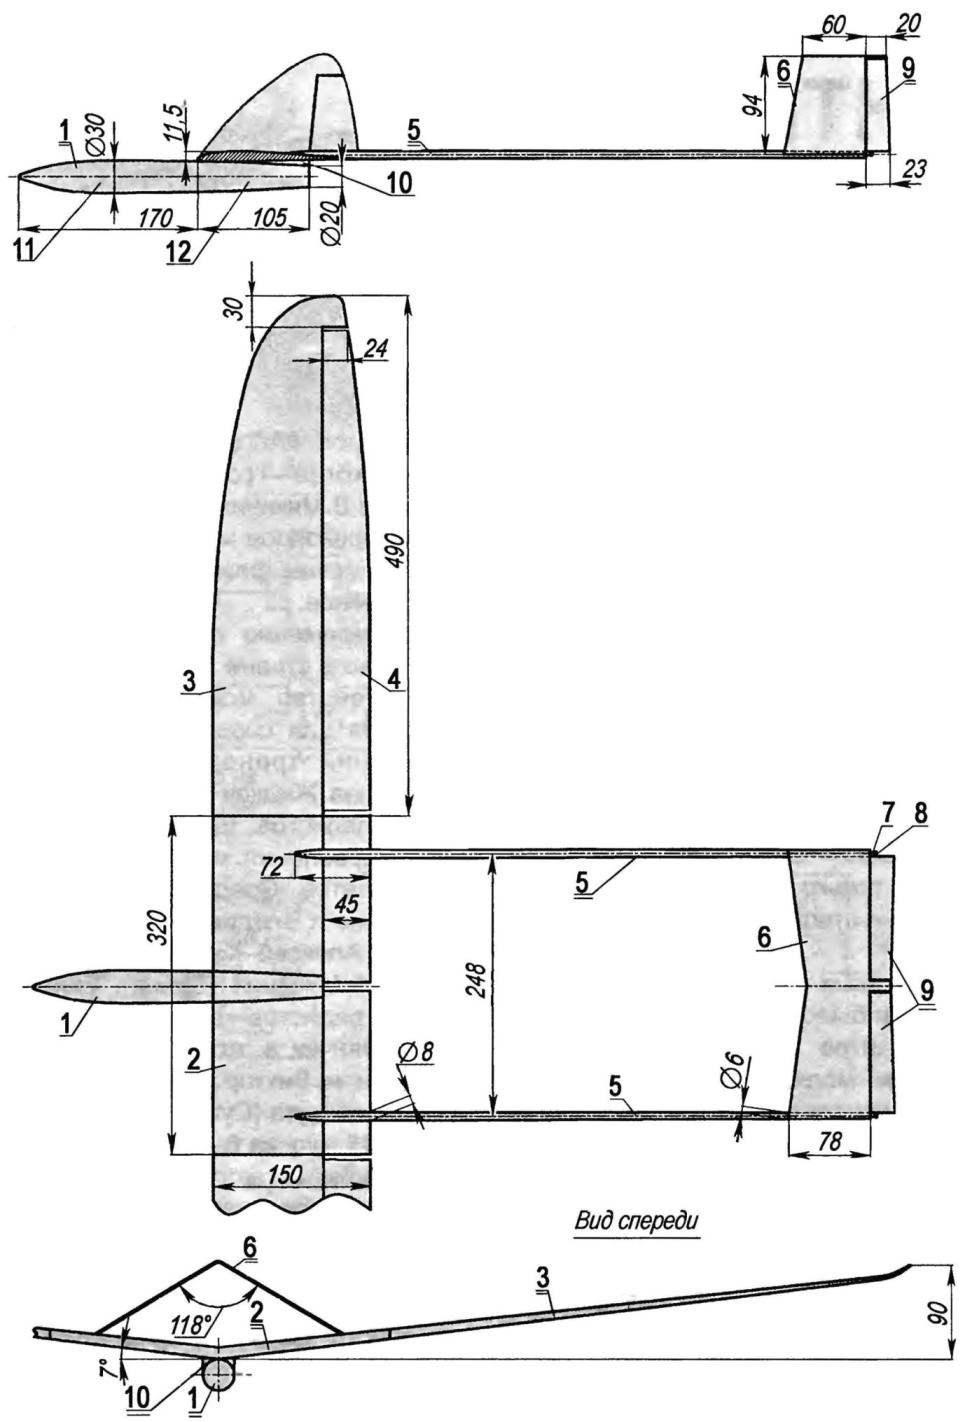 Модель ракетоплана класса S8Е/Р Майкла Франчеса (Англия)— призёра мирового чемпионата 2006 г.